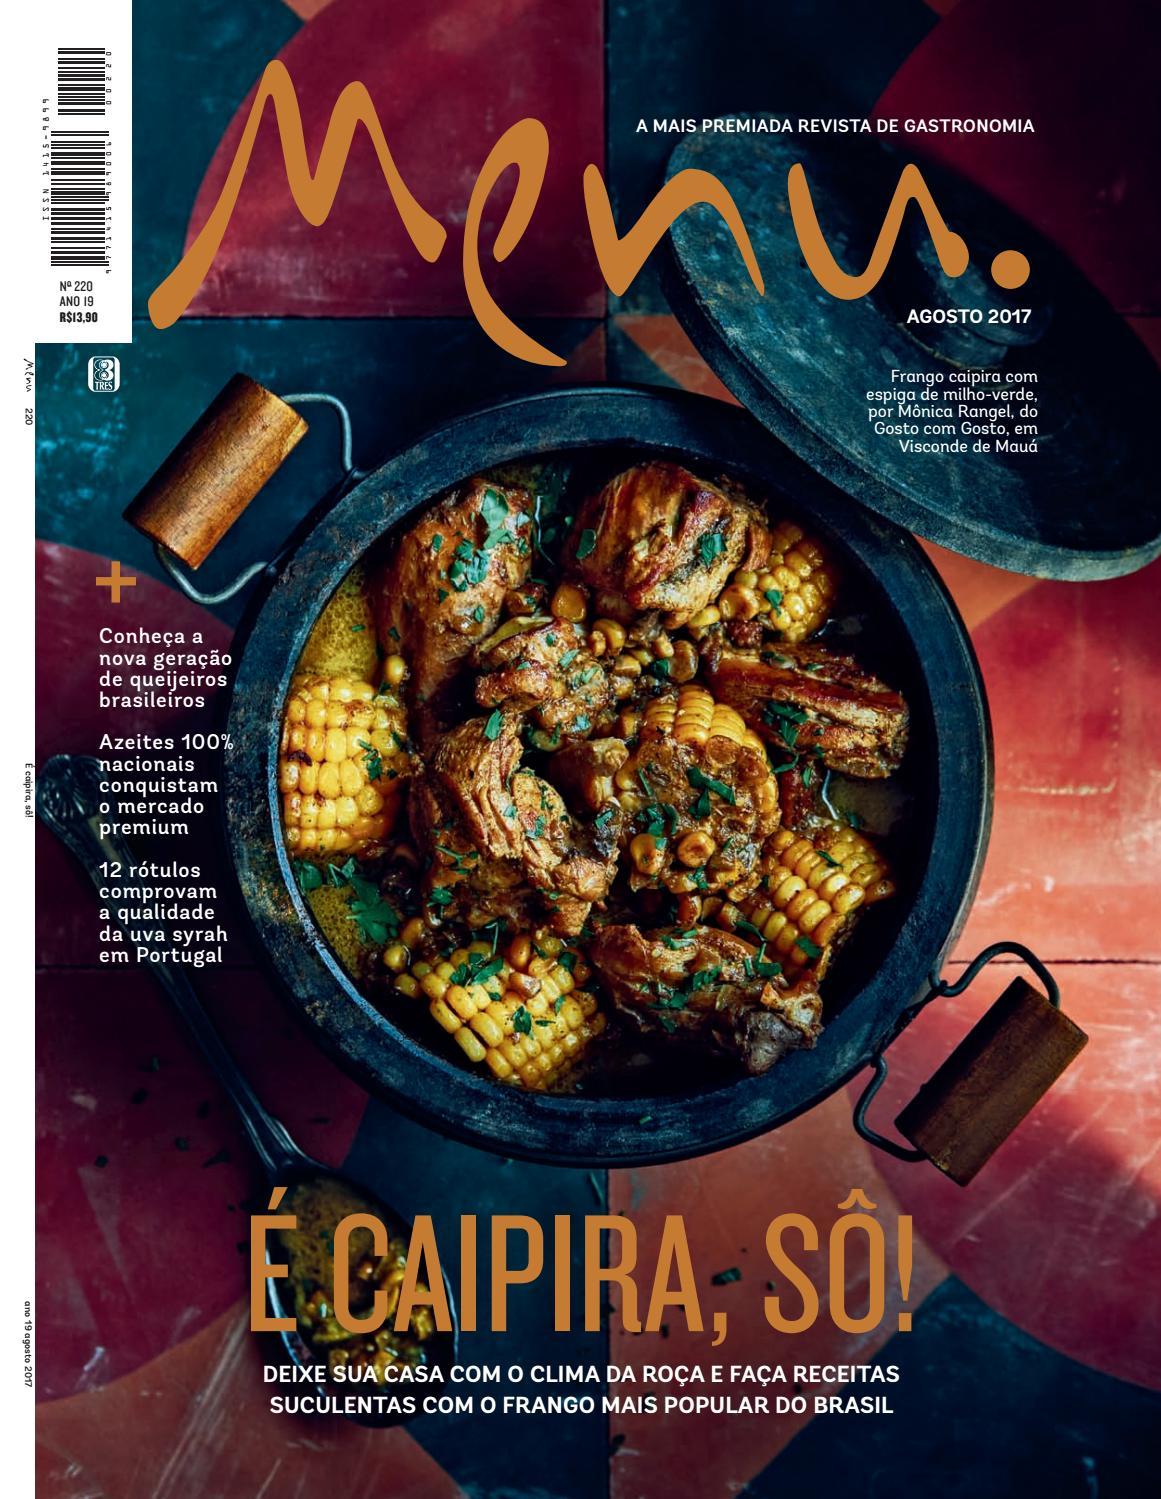 ff456940e44 Menu 220 by Editora 3 - issuu